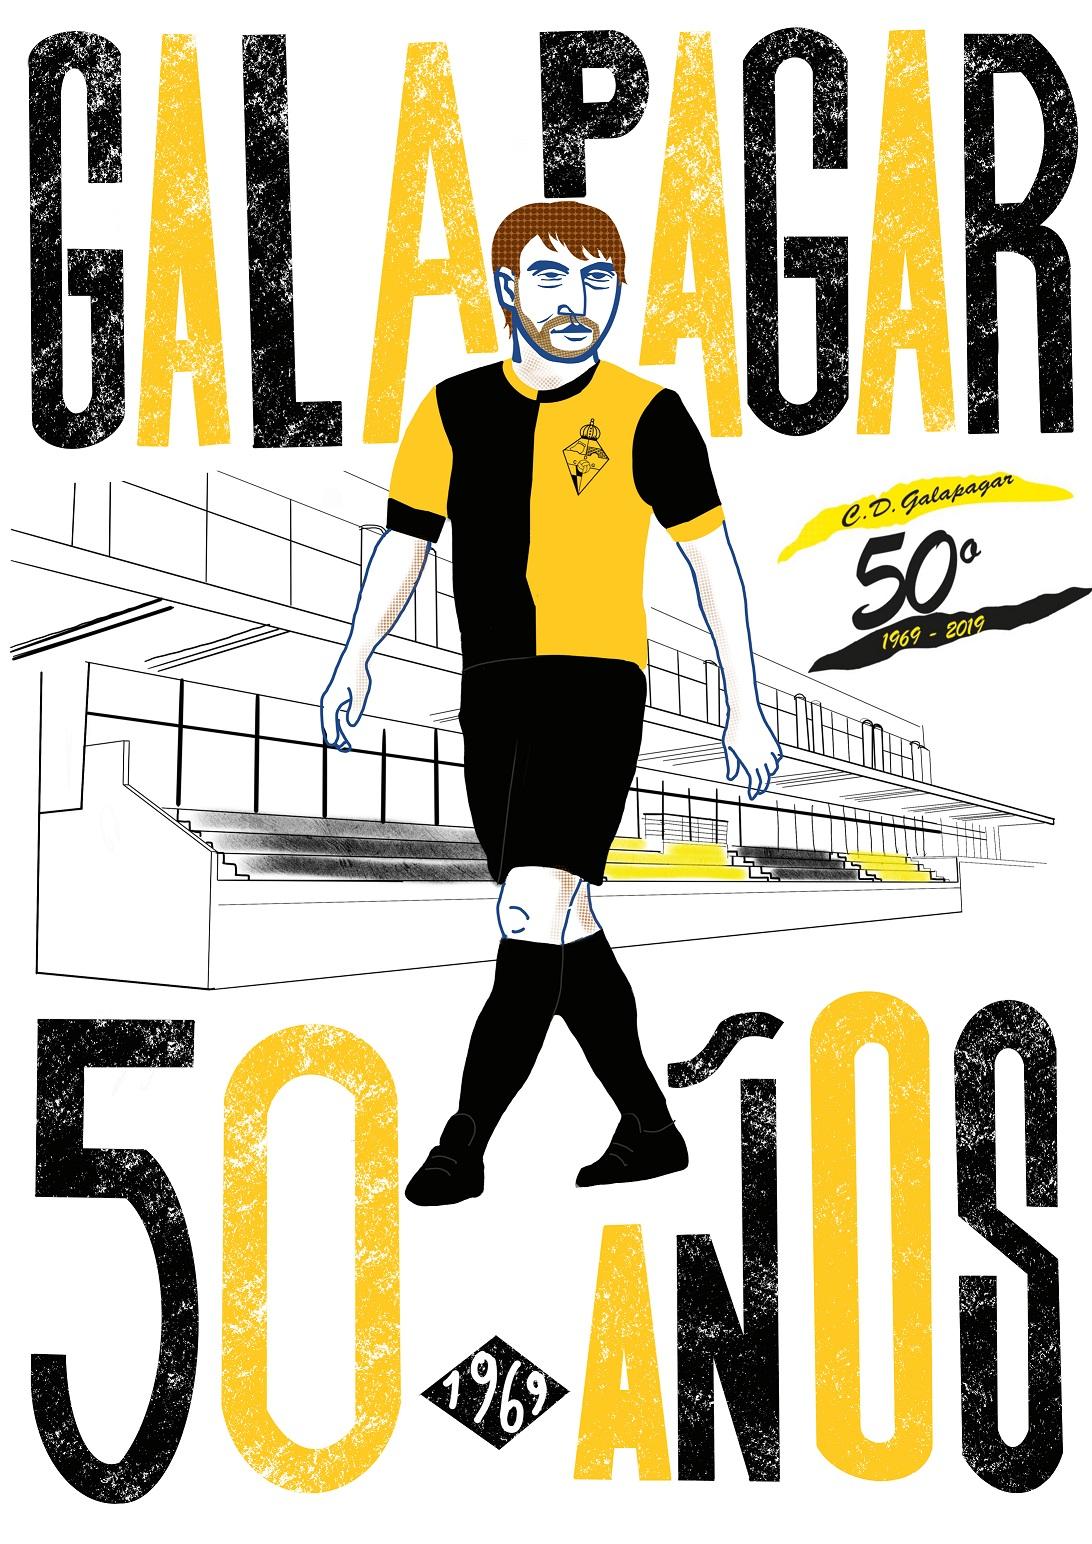 Cartel conmemorativo 50ª Aniversario CDG